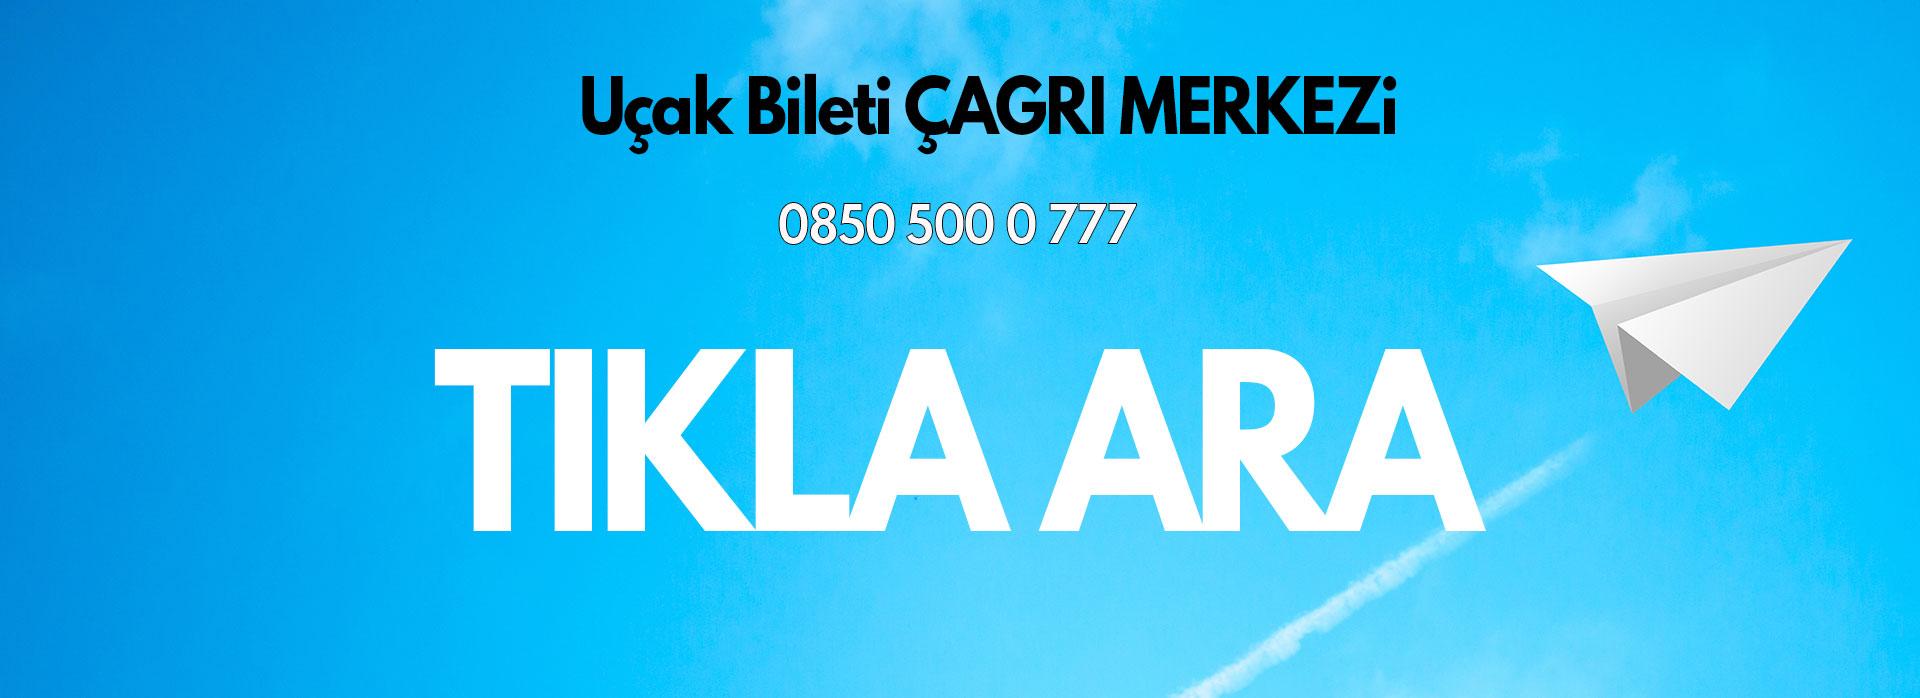 uçak bileti iletişim